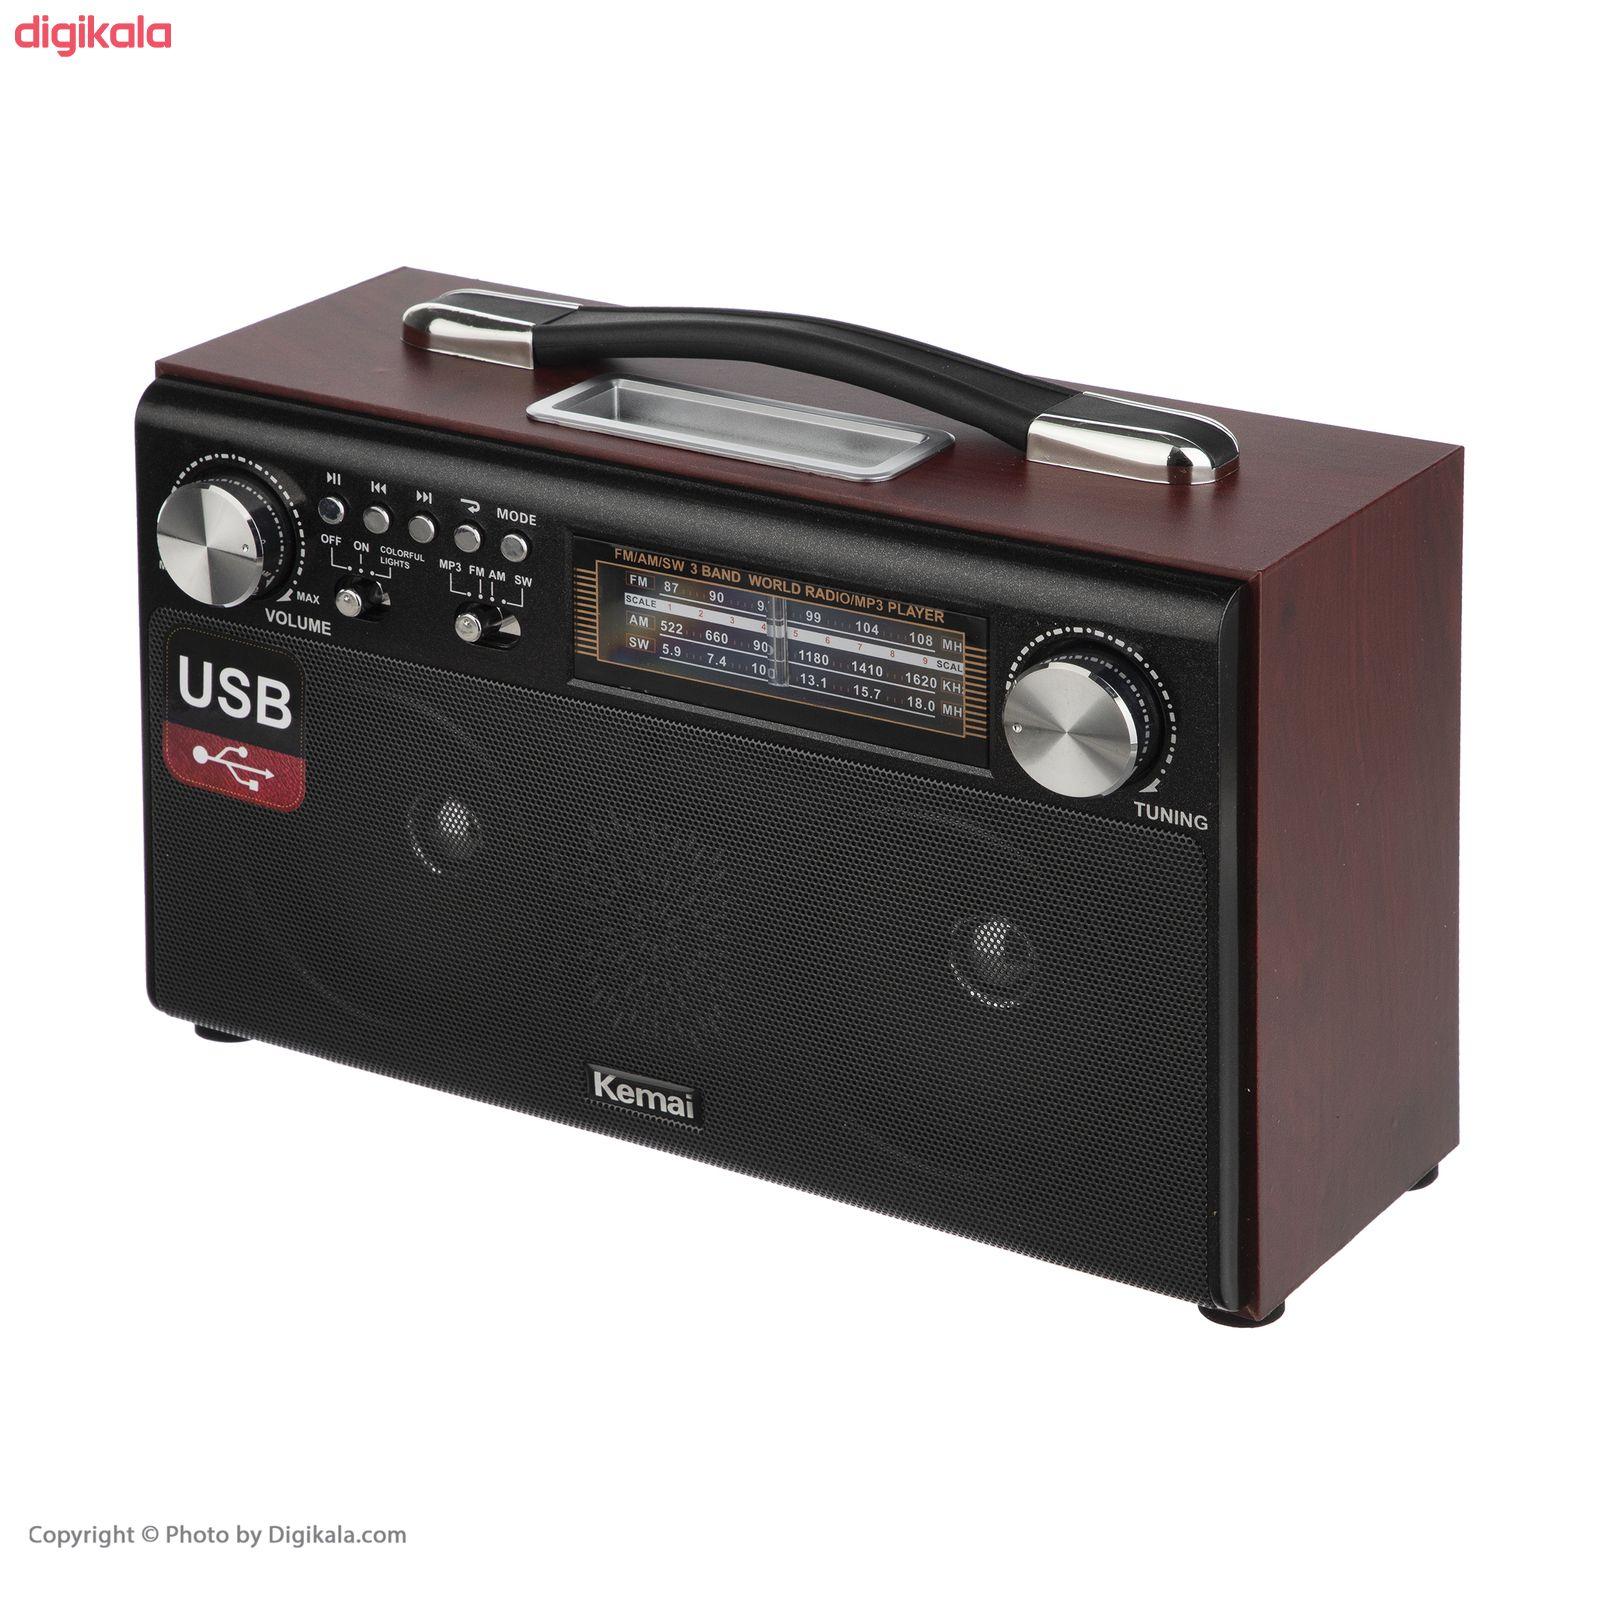 رادیو اسپیکر کمای مدل MD-1702BT main 1 1